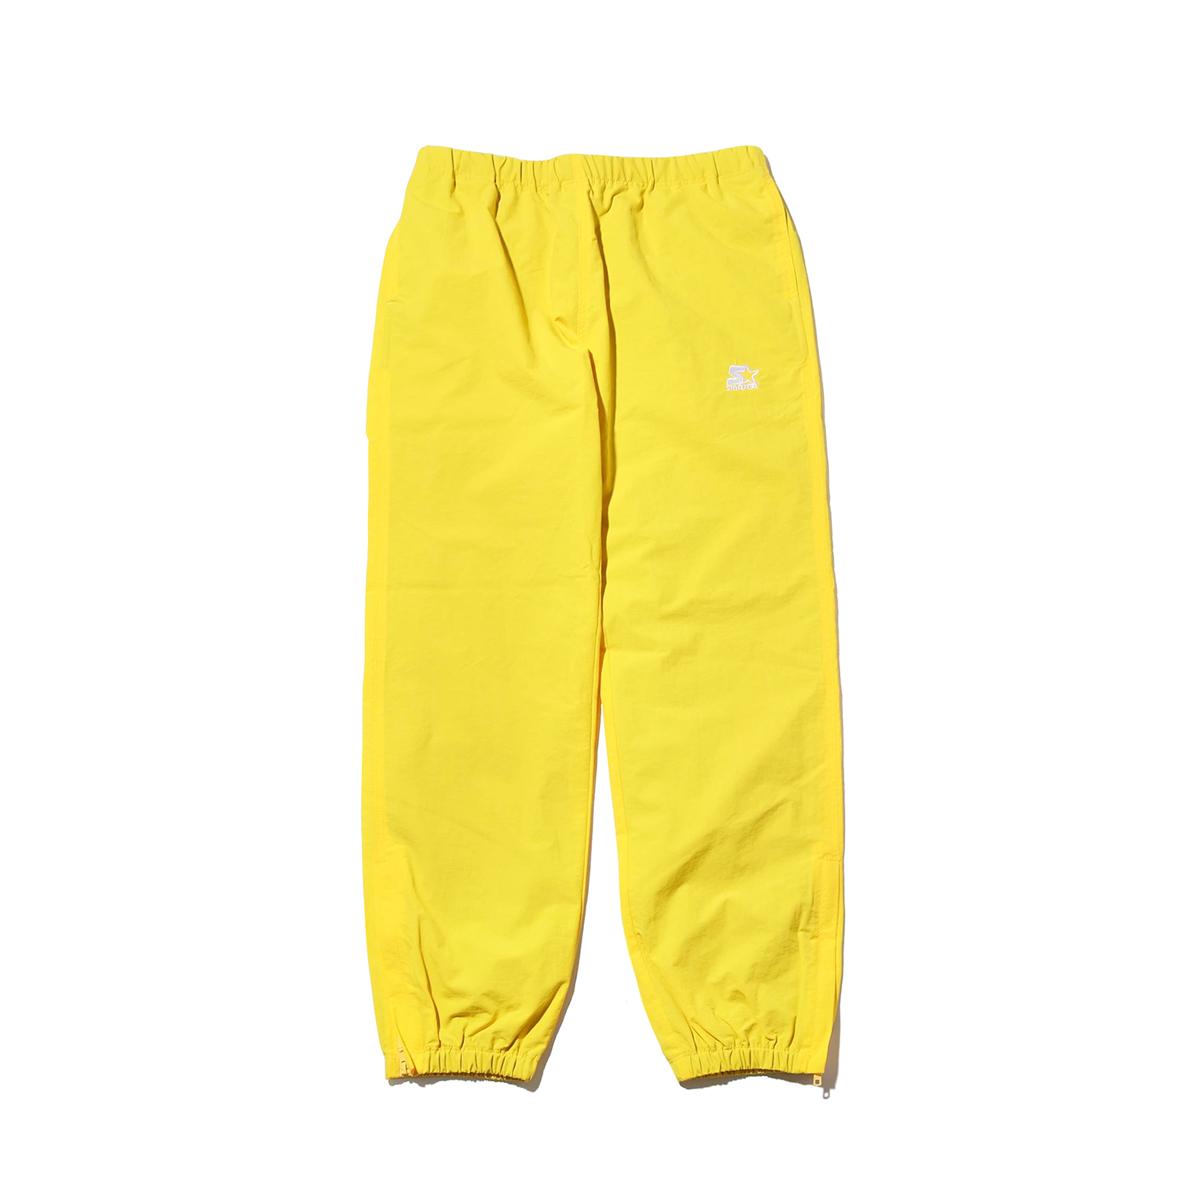 STARTER BLACK LABEL x ATMOS LAB WARM UP PANTS(スターター ブラックレーベル アトモスラボ ウォームアップ パンツ)yellow【メンズ パンツ】18FW-S